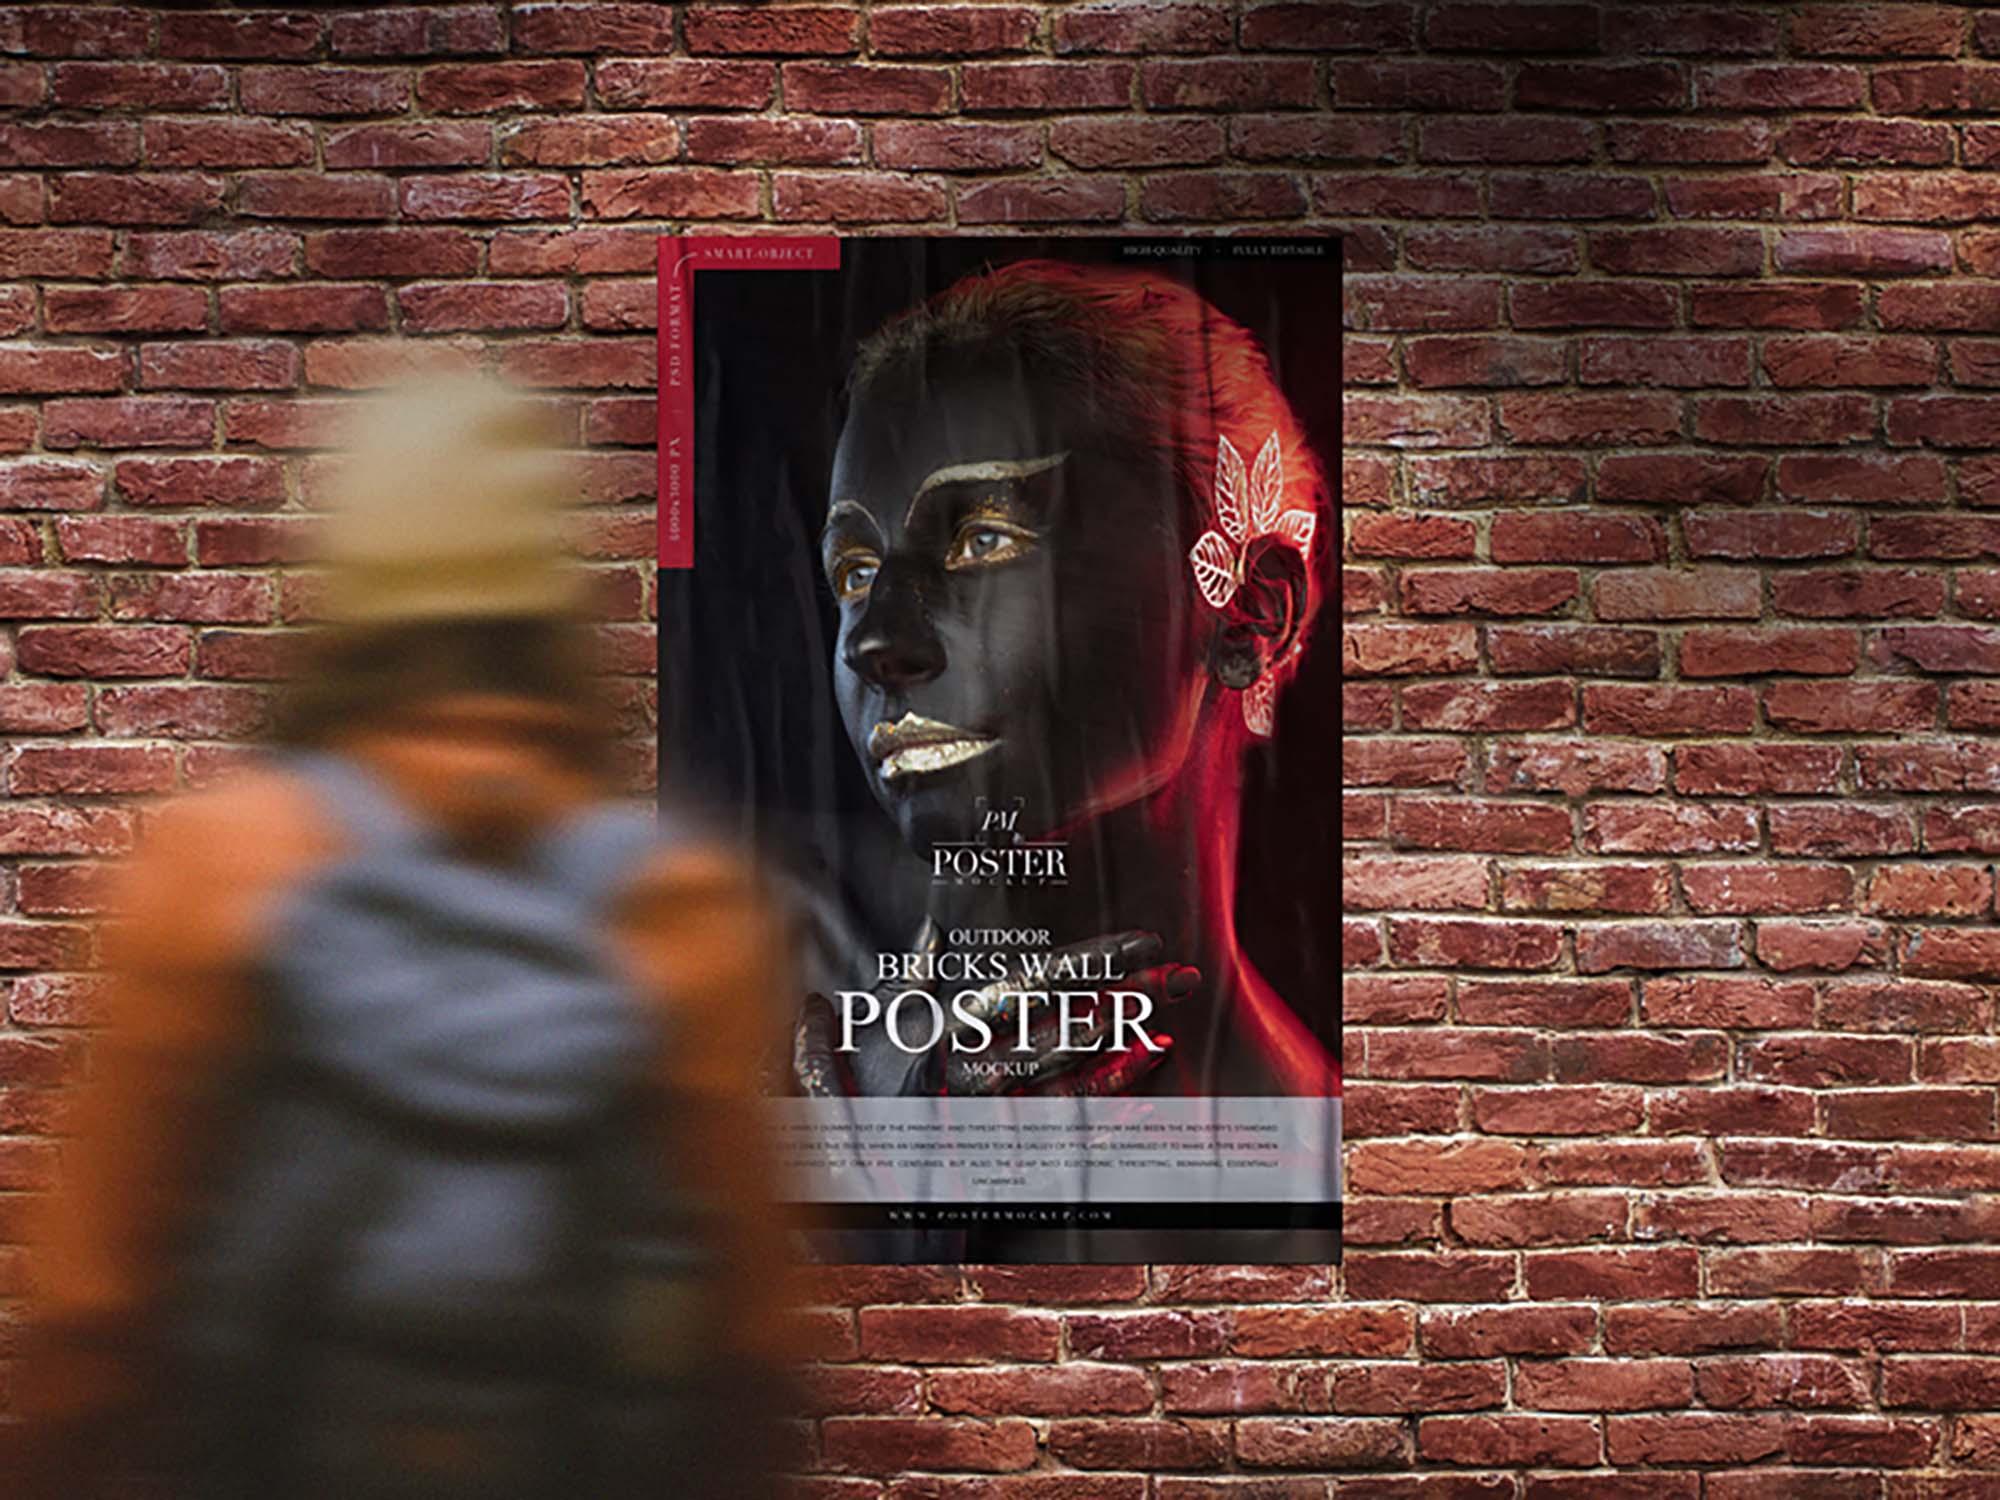 Outdoor Bricks Wall Poster Mockup